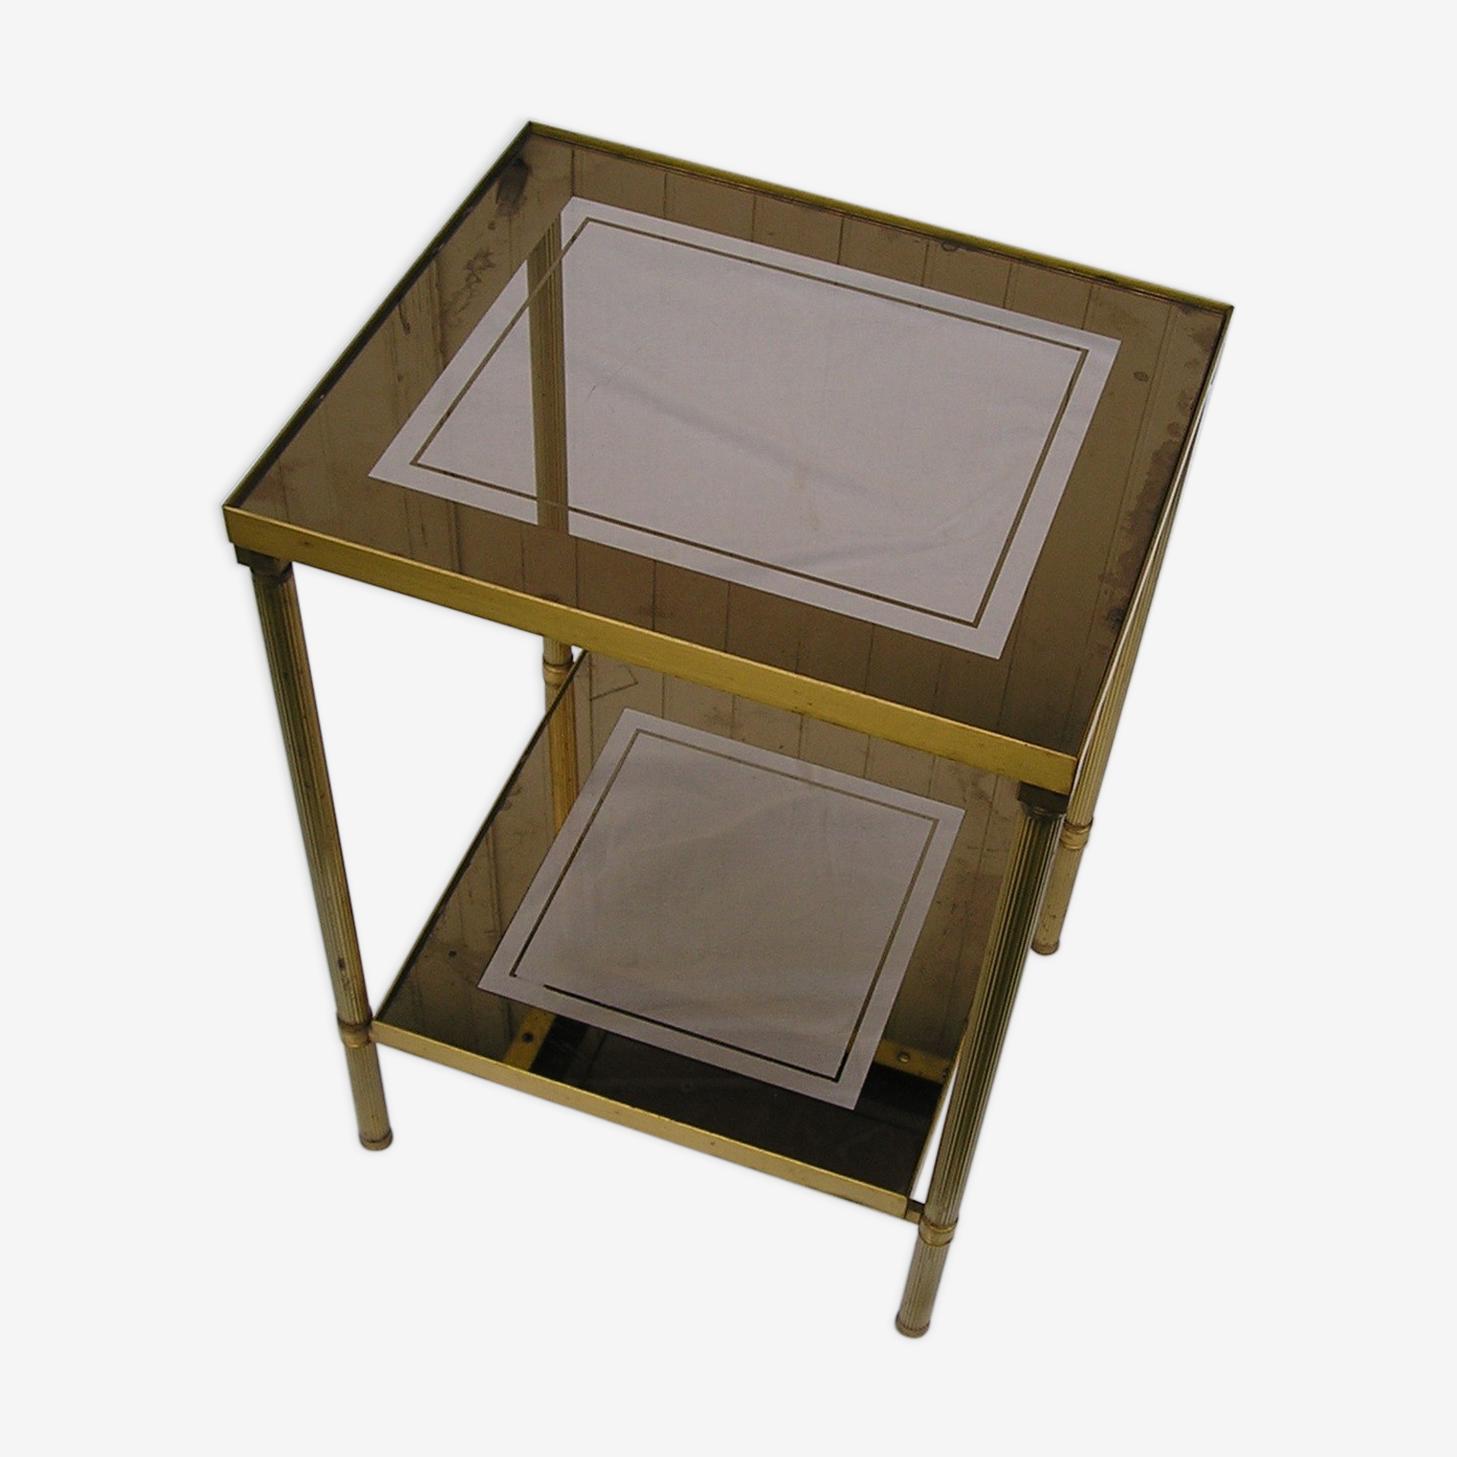 Table d'appoint, bout de canapé en bronze doré et double plateau en verre miroir 70's